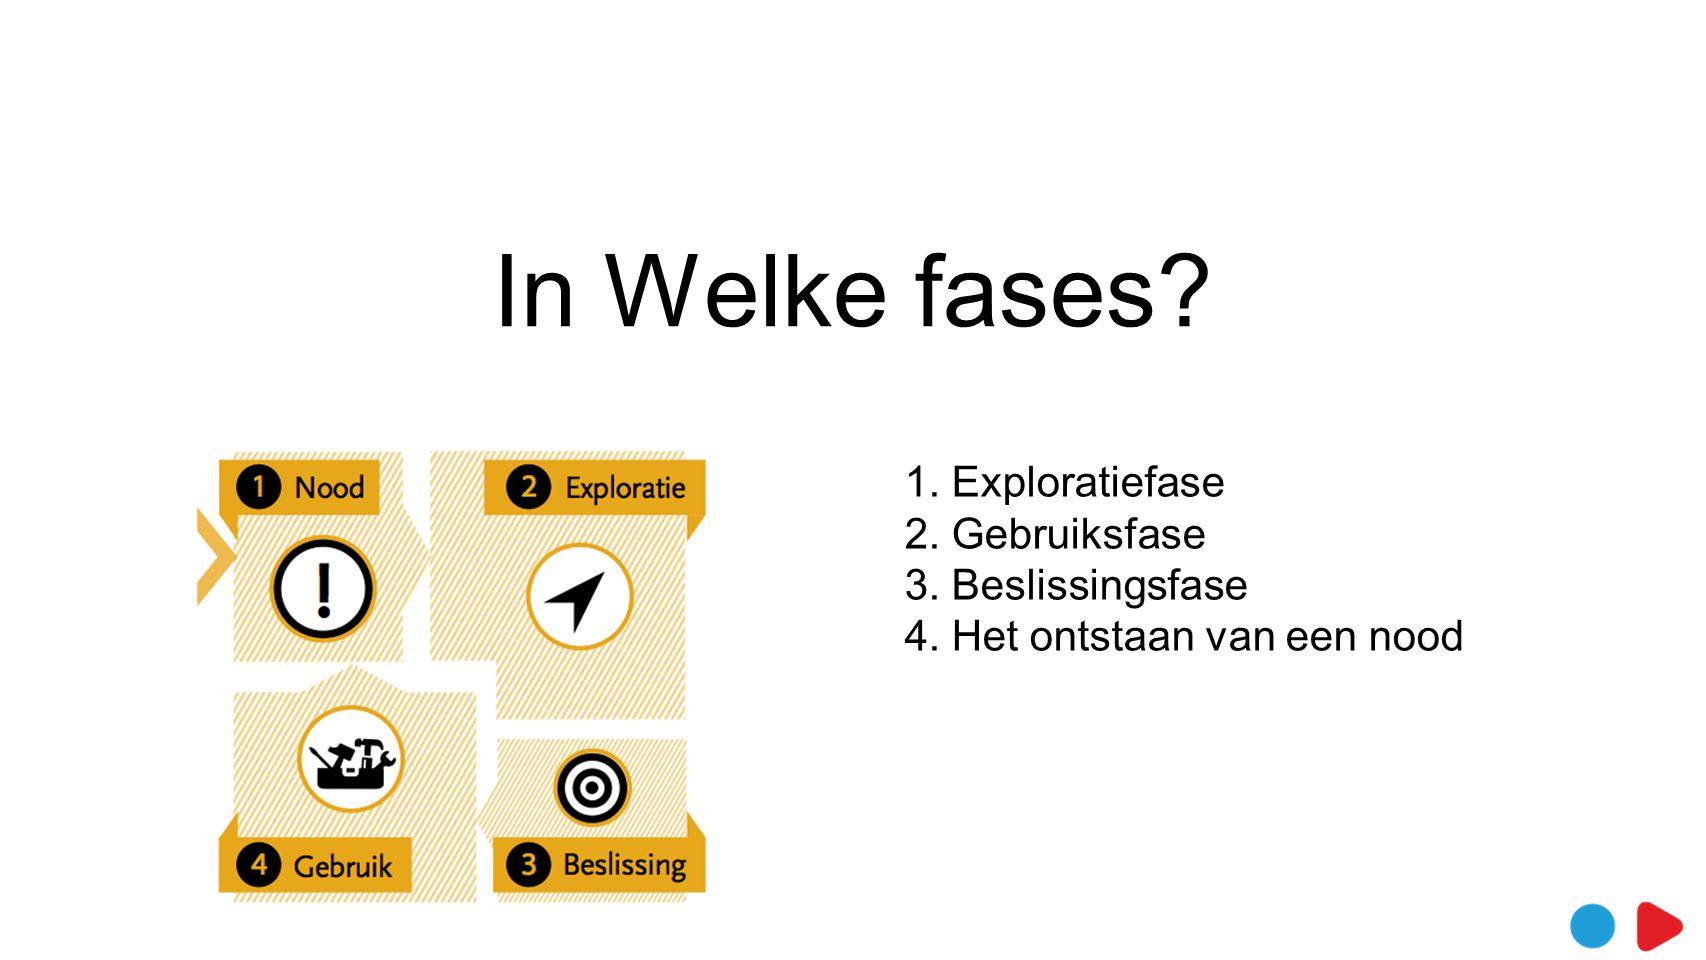 In Welke fases? 1. Exploratiefase 2. Gebruiksfase 3. Beslissingsfase 4. Het ontstaan van een nood